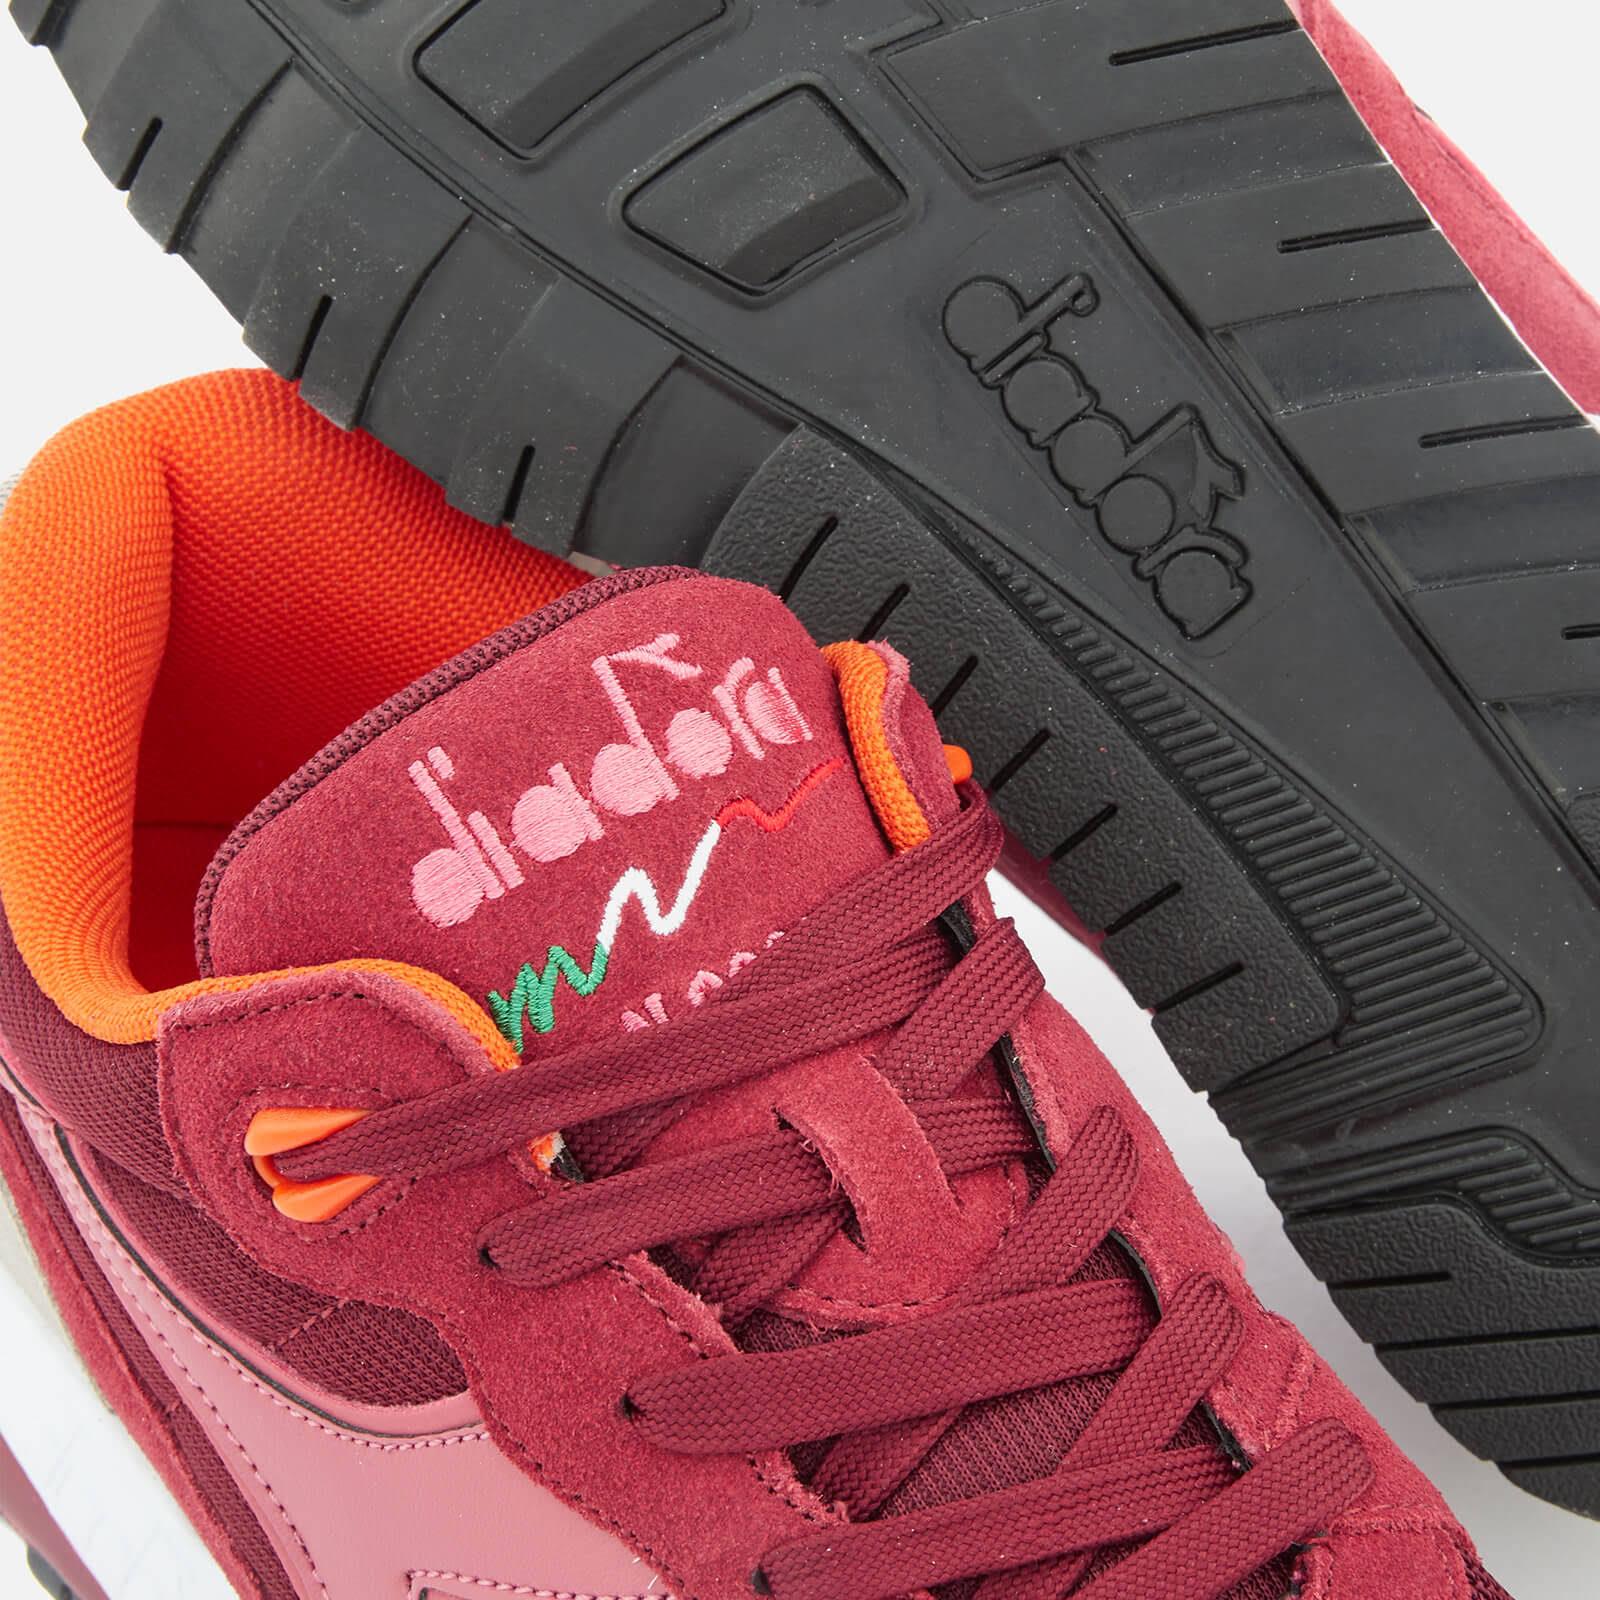 da Uk 111Rossoblu ardesia rosso uomo Rose ginnastica N9000 11 Scarpe Diadora E2IYHD9eW